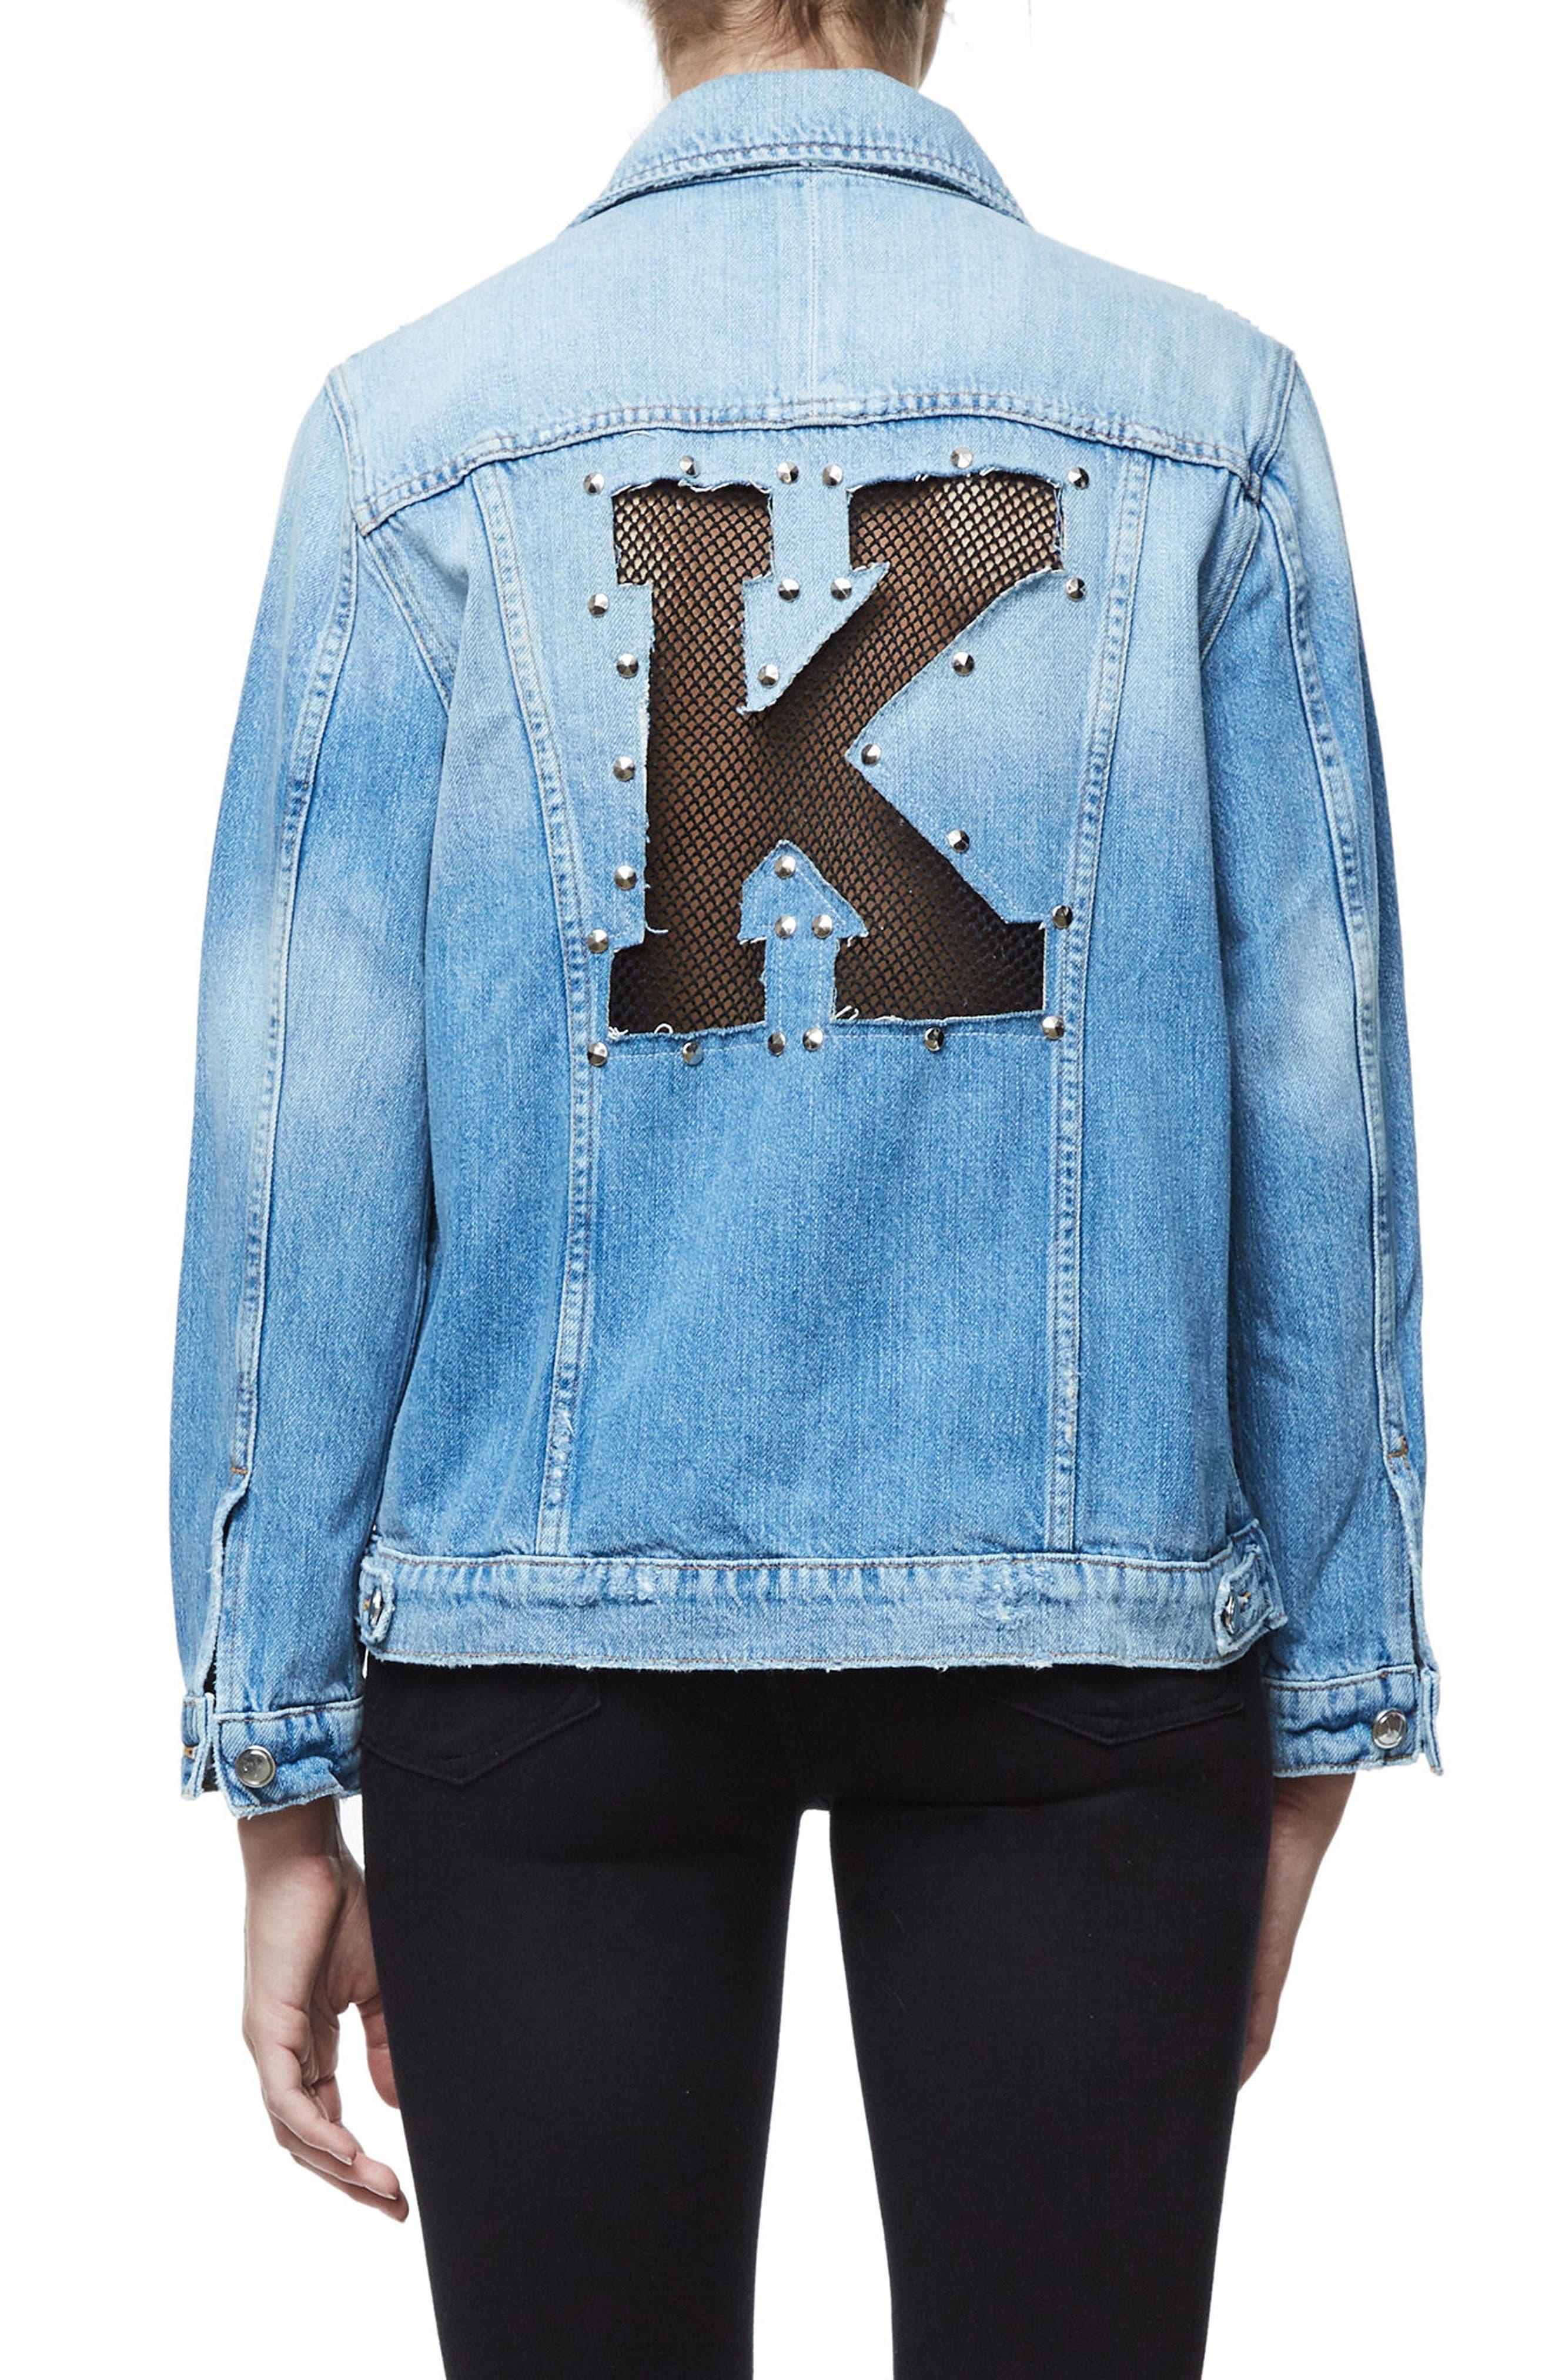 Alternate Image 1 Selected - Good American Mesh Letter Denim Jacket (Extended Sizes)